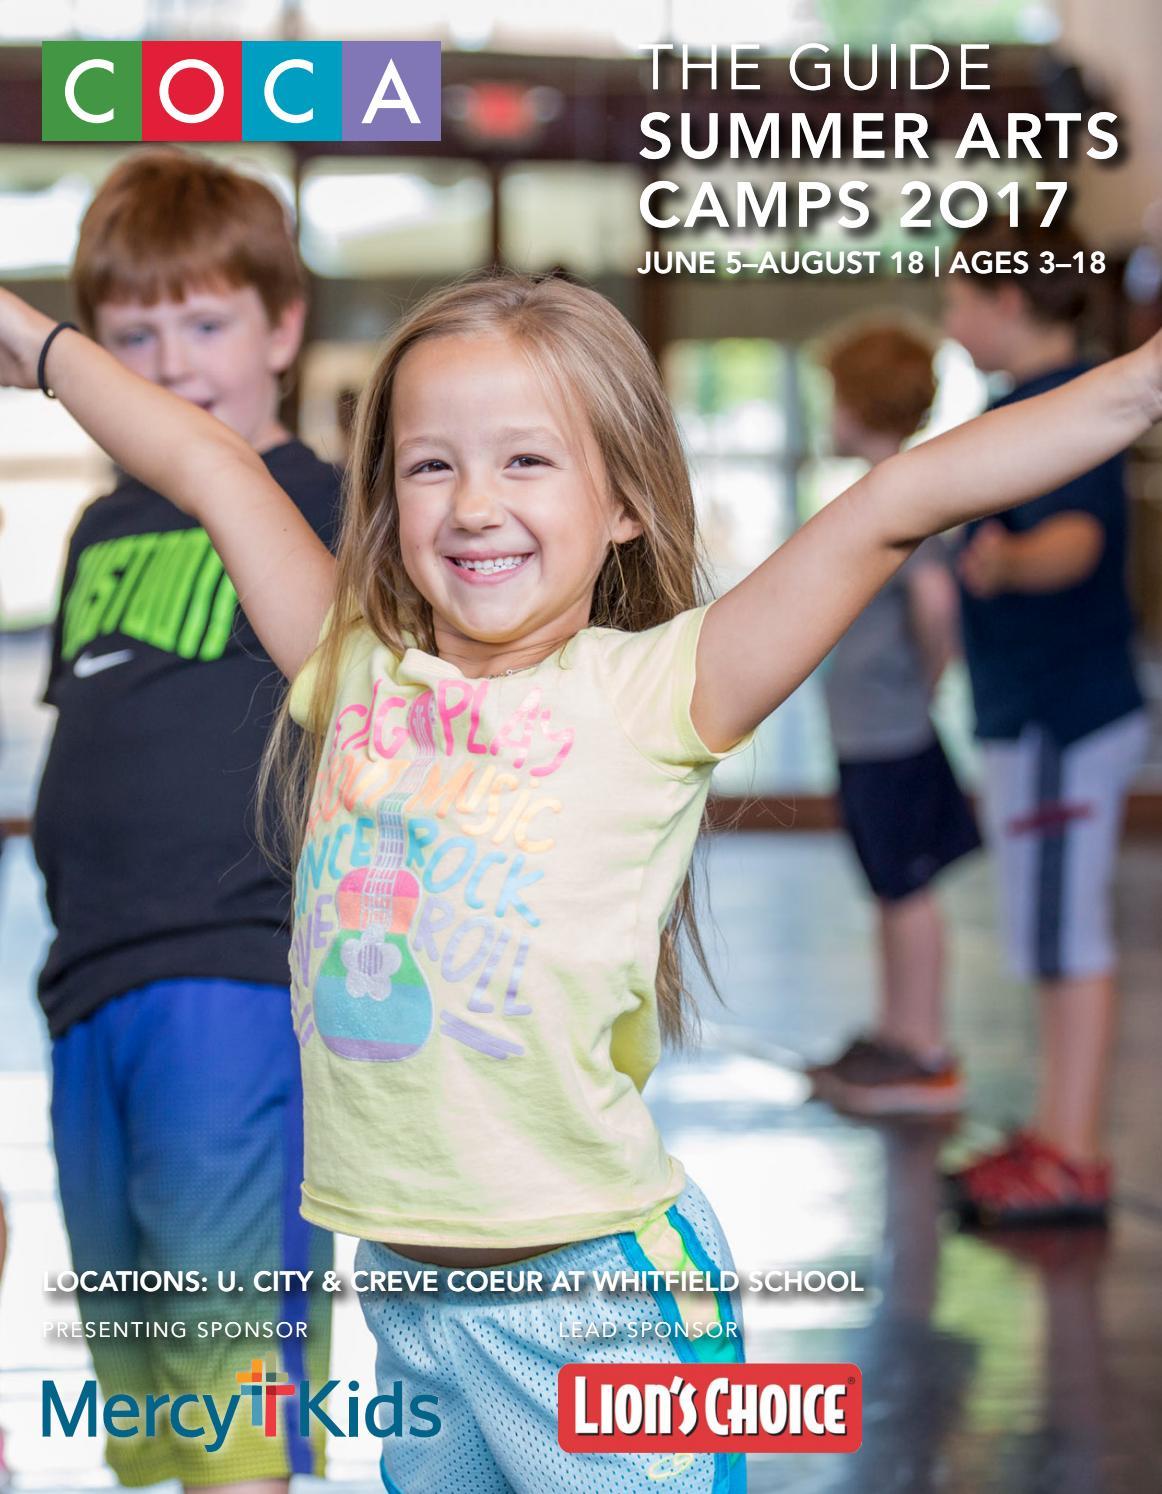 e3341a086c1 2017 COCA Summer Camp Guide by COCA - issuu